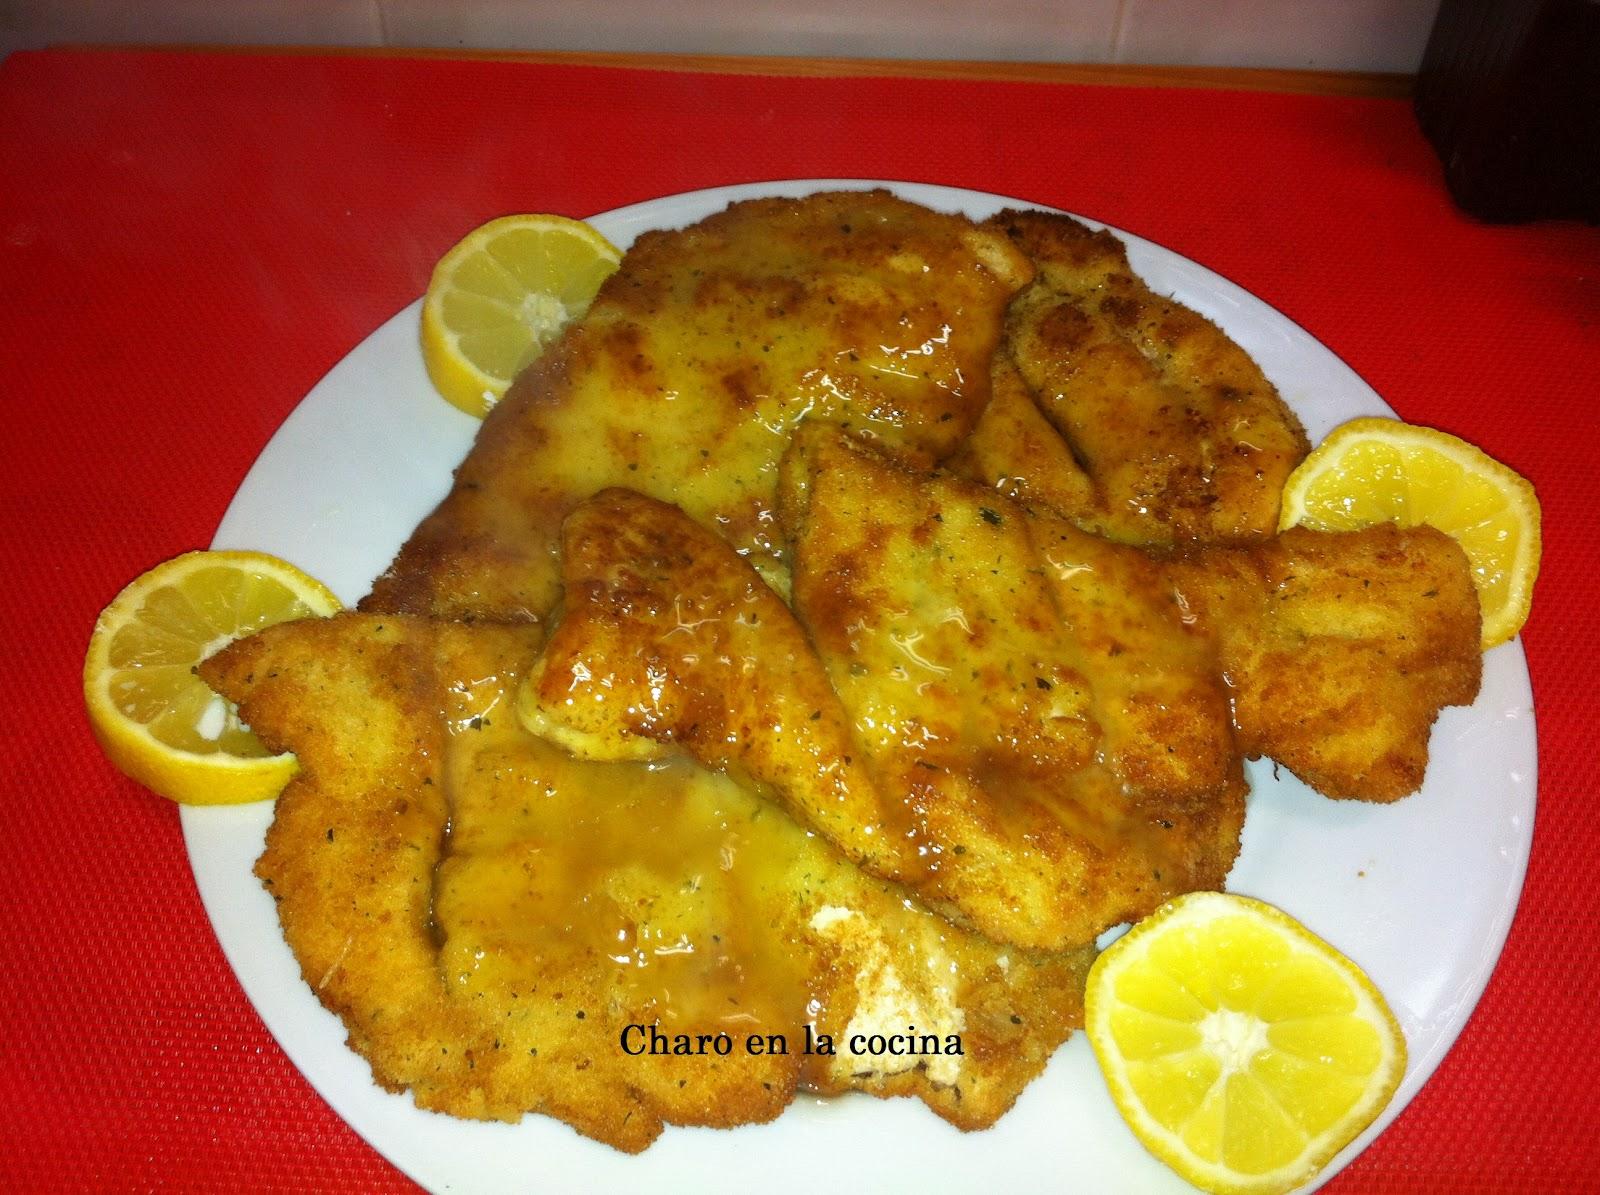 Charo en la cocina pollo al limon china - Pechugas al limon ...